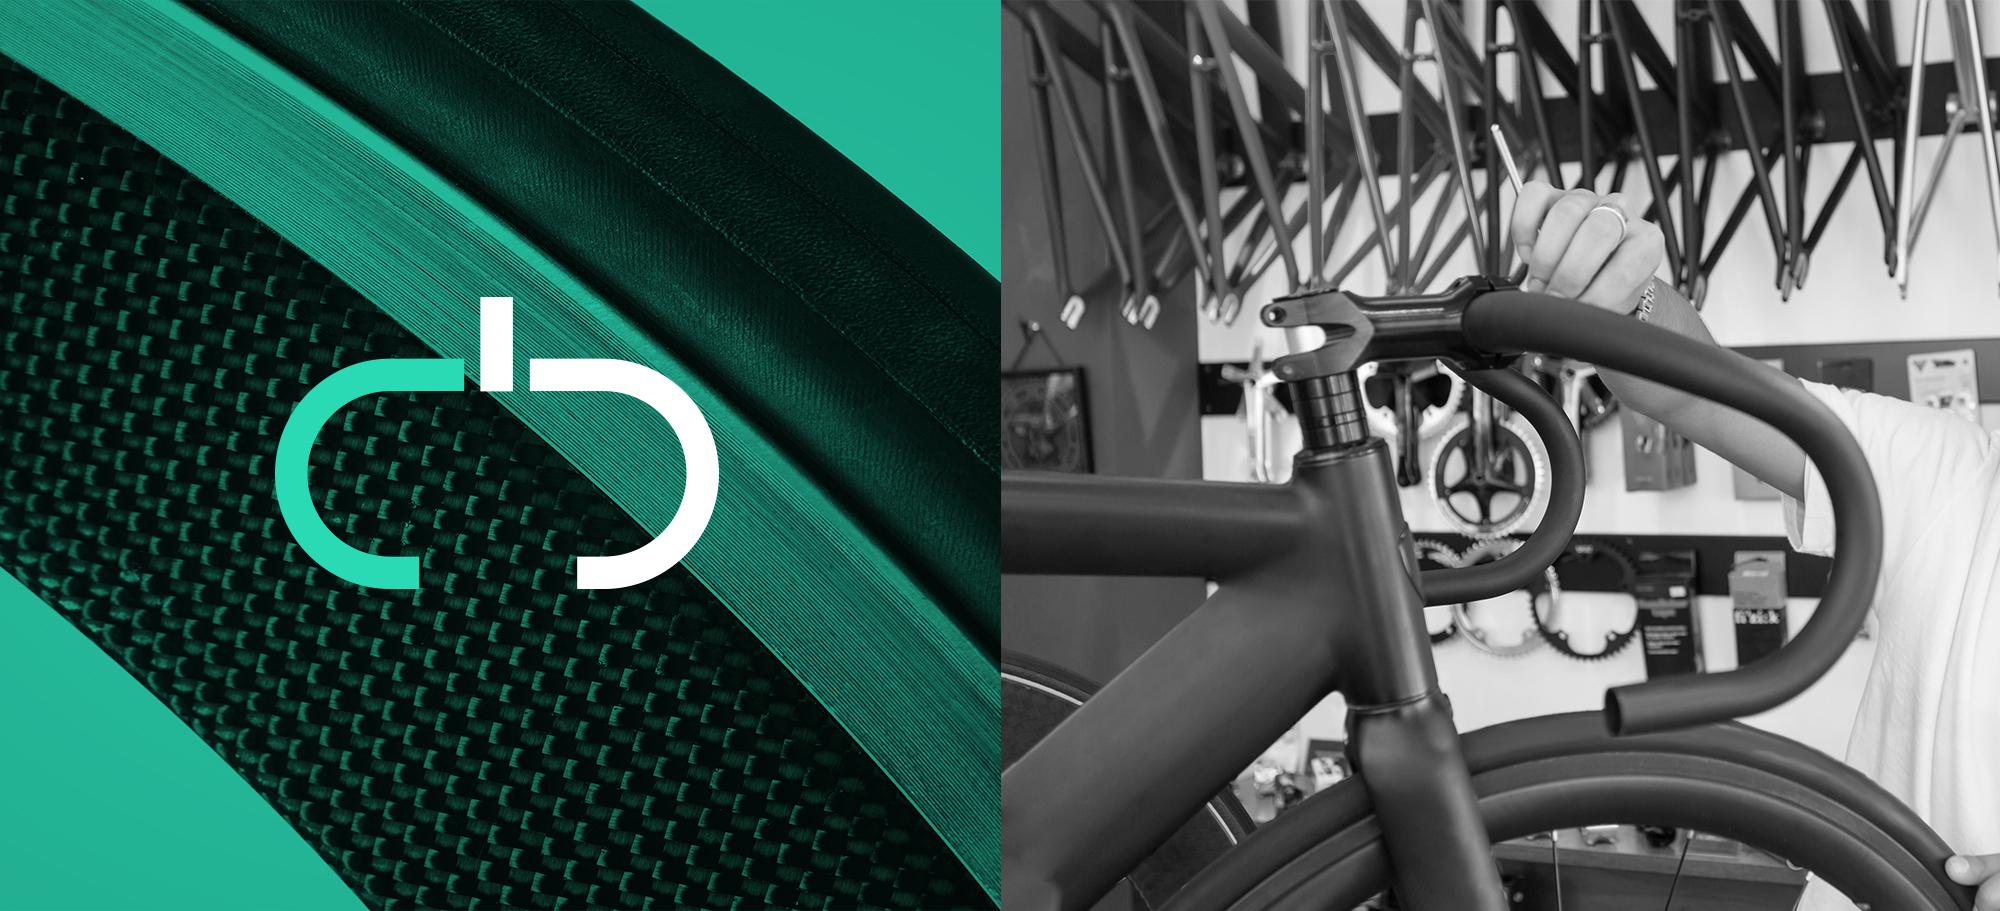 Concept_bikes_2images